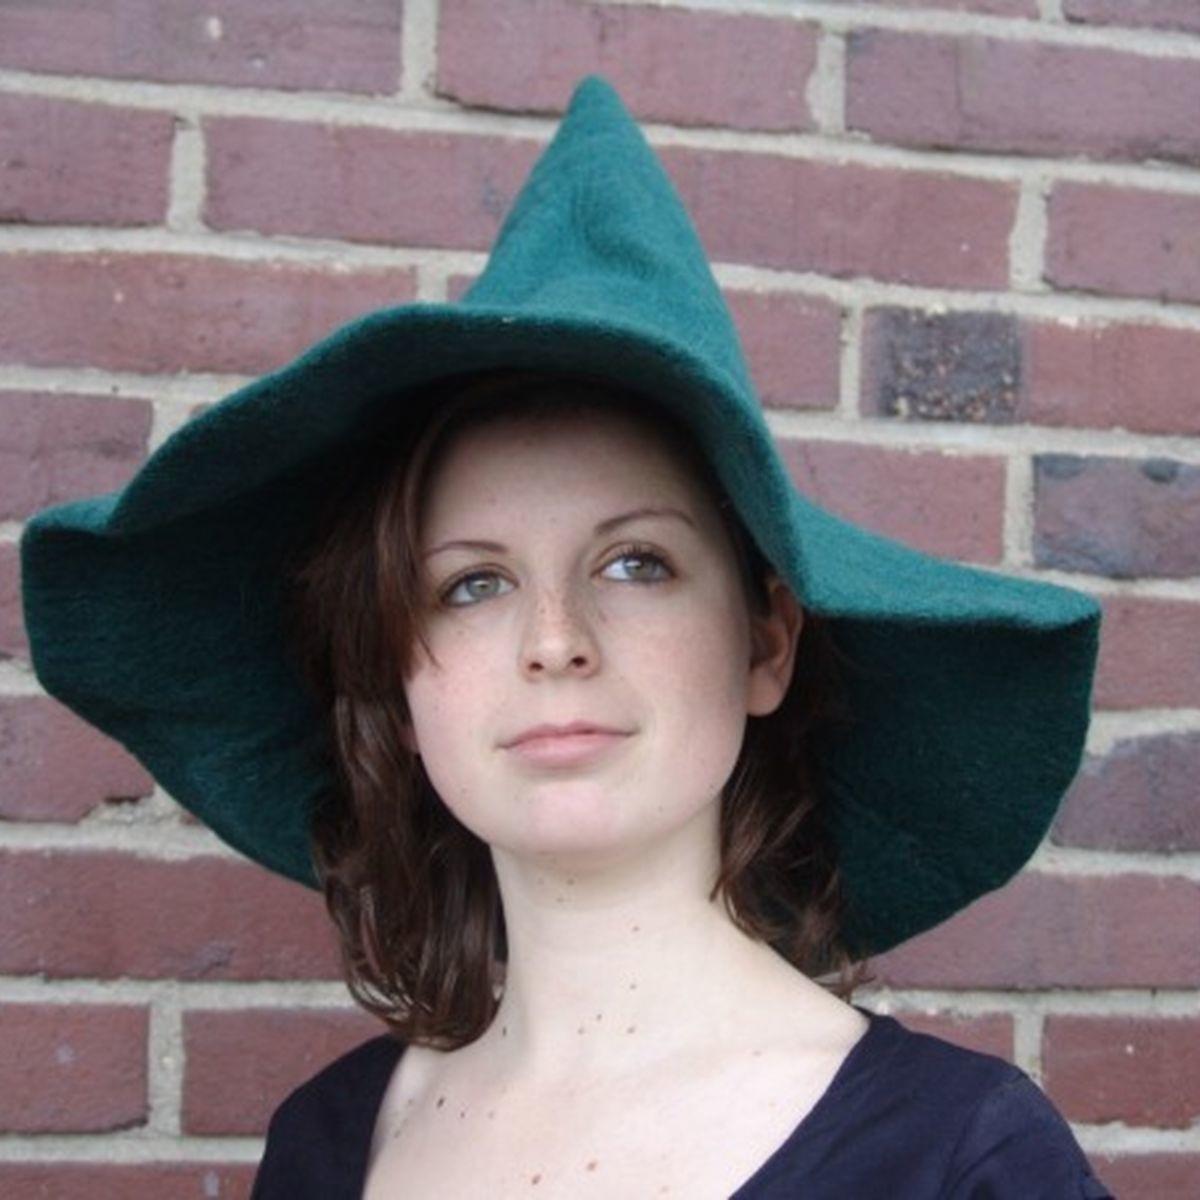 Heksenhoed, groen